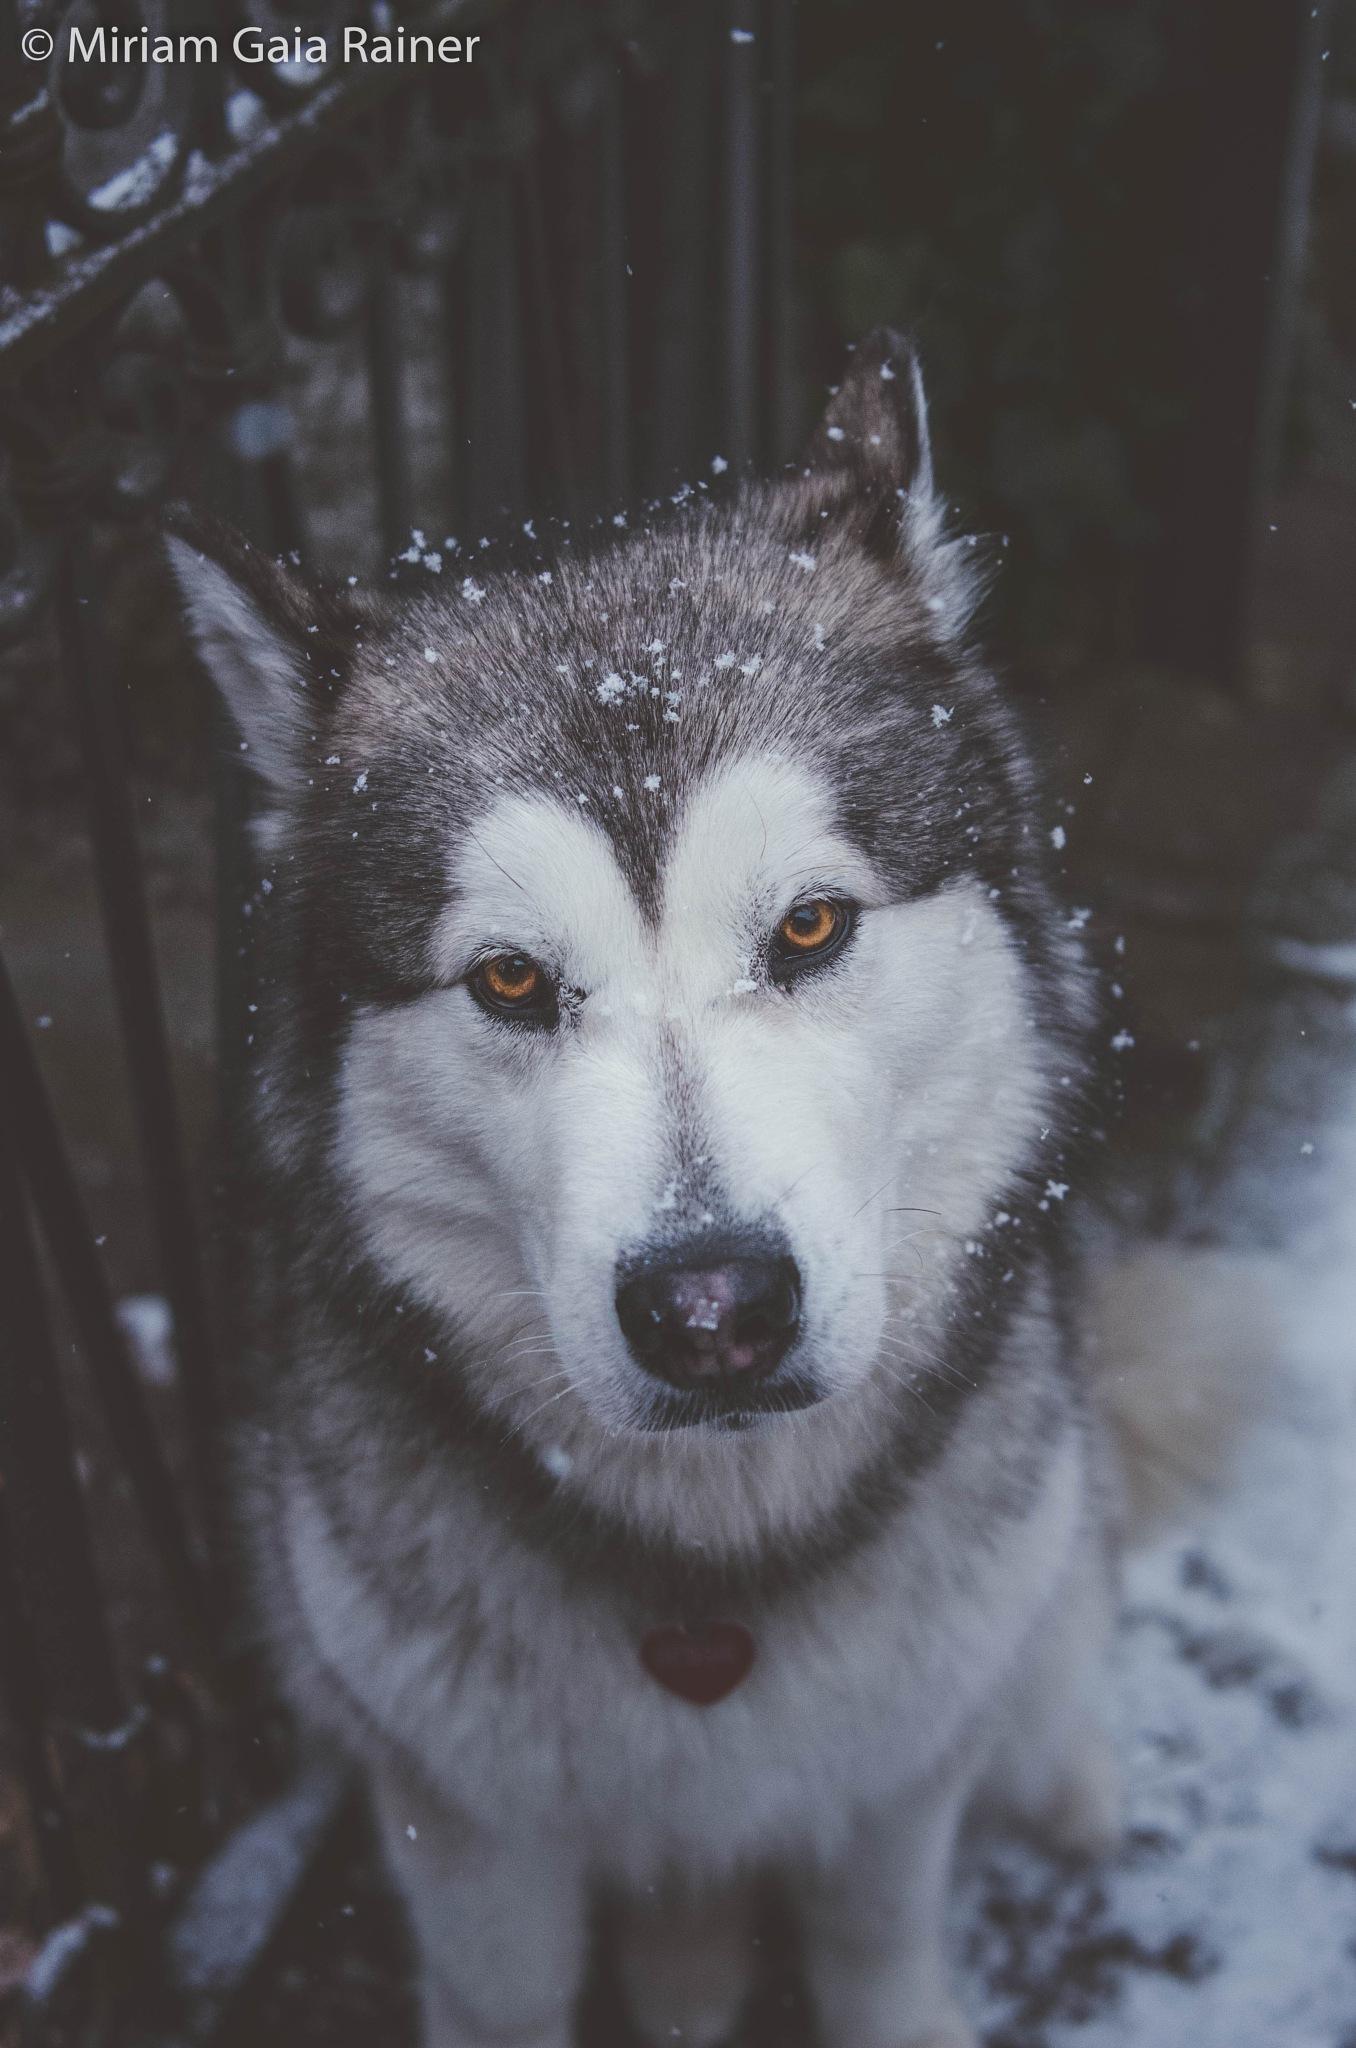 Not Enough Snow by Miriam Gaia Rainer